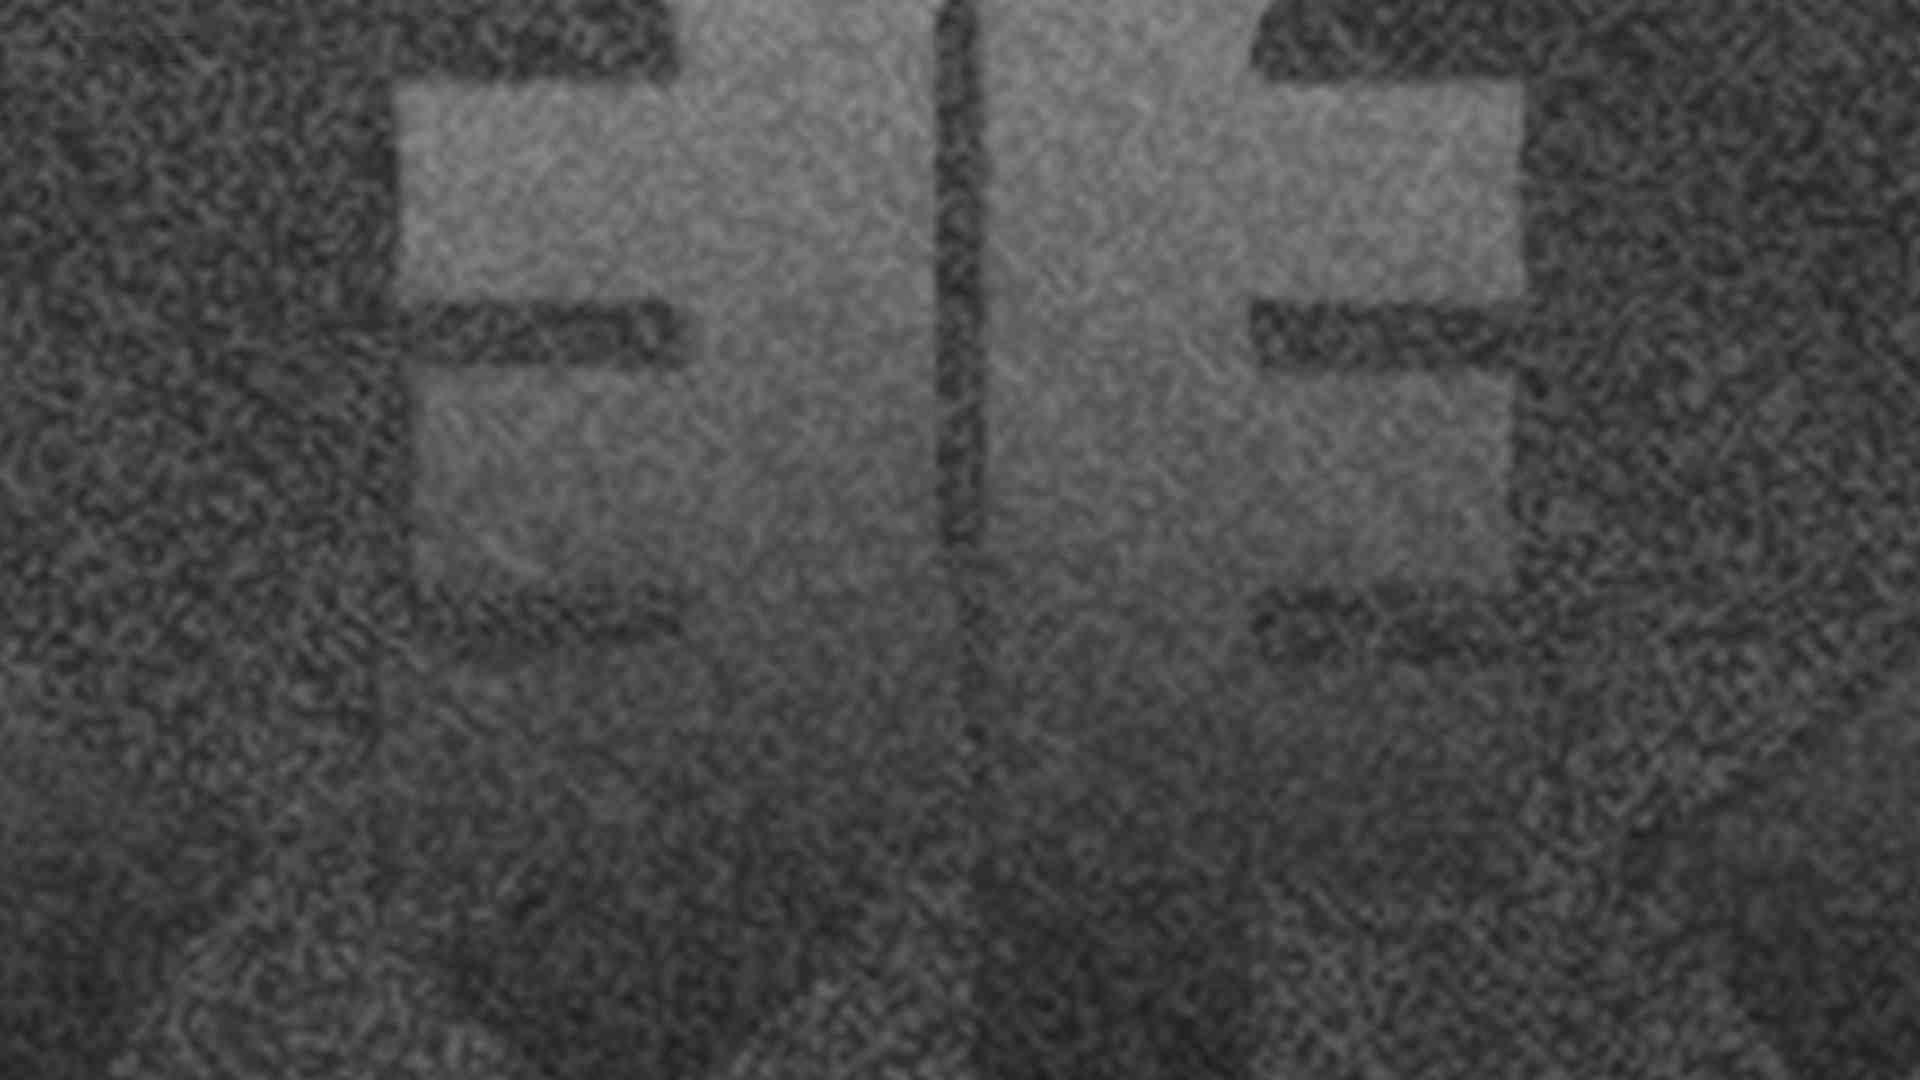 ヒトニアラヅNo.02 姿と全体の流れを公開 ギャル  60PIX 7